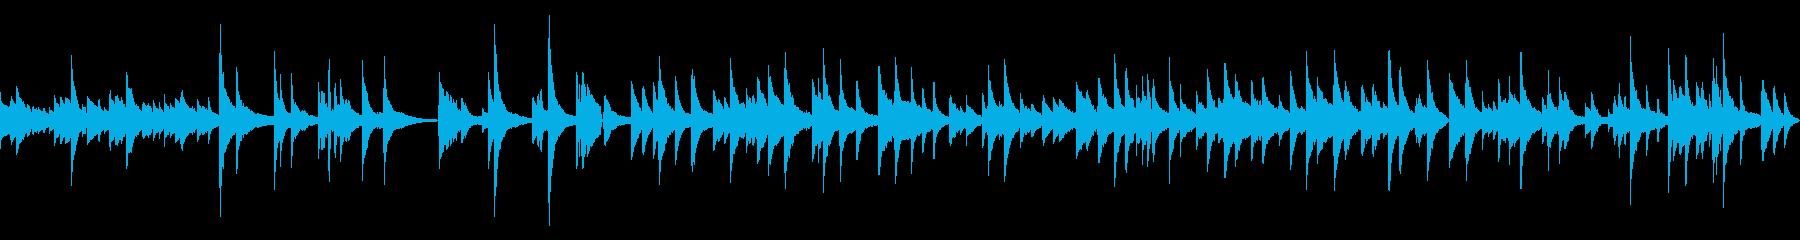 ジャズのバラード曲の再生済みの波形